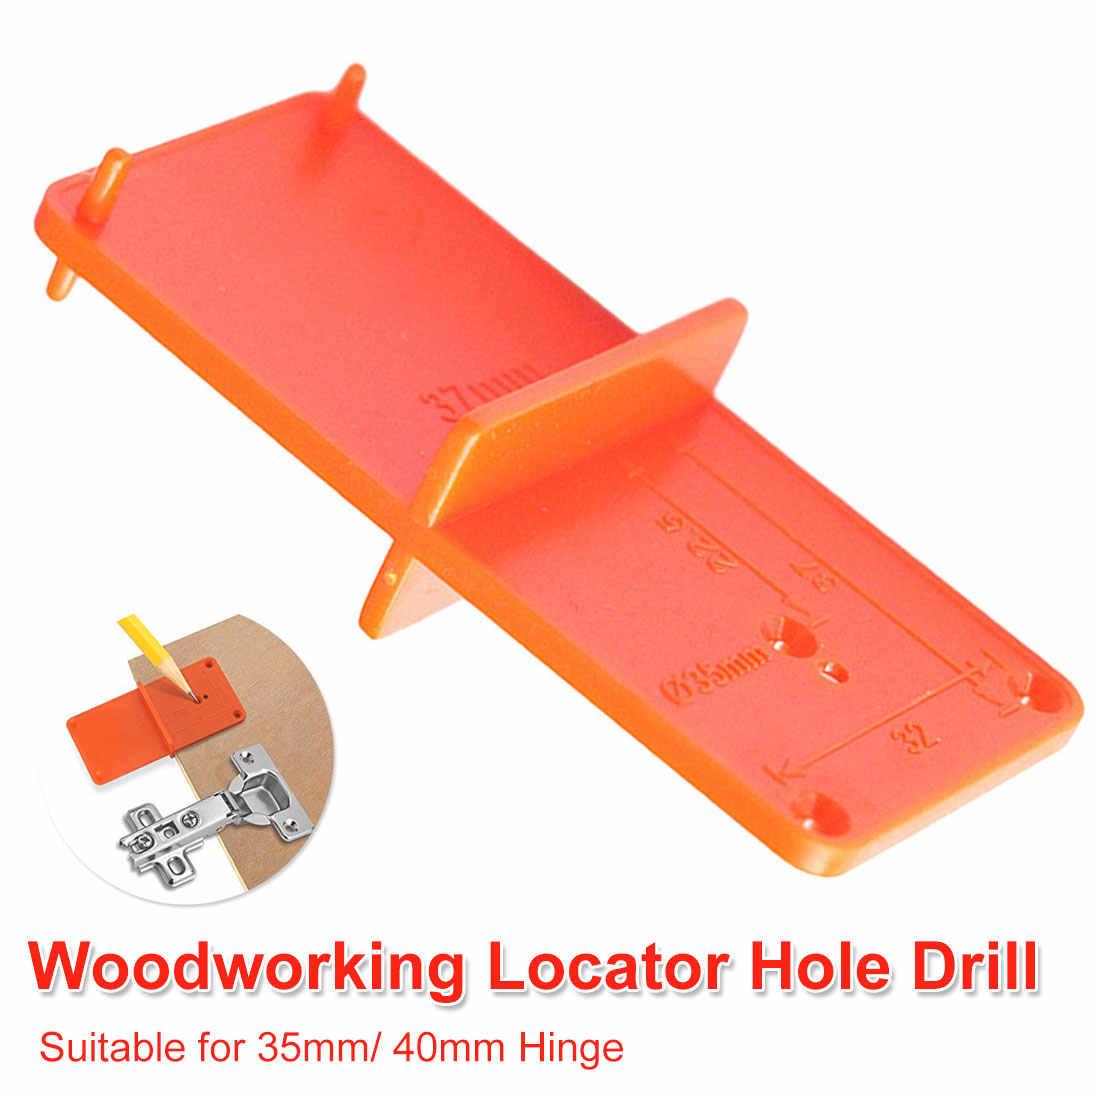 穴掘削ガイドロケータスーツ 35 ミリメートル/40 ミリメートル孔オープナーテンプレートドアキャビネット Diy ツール木工ツール